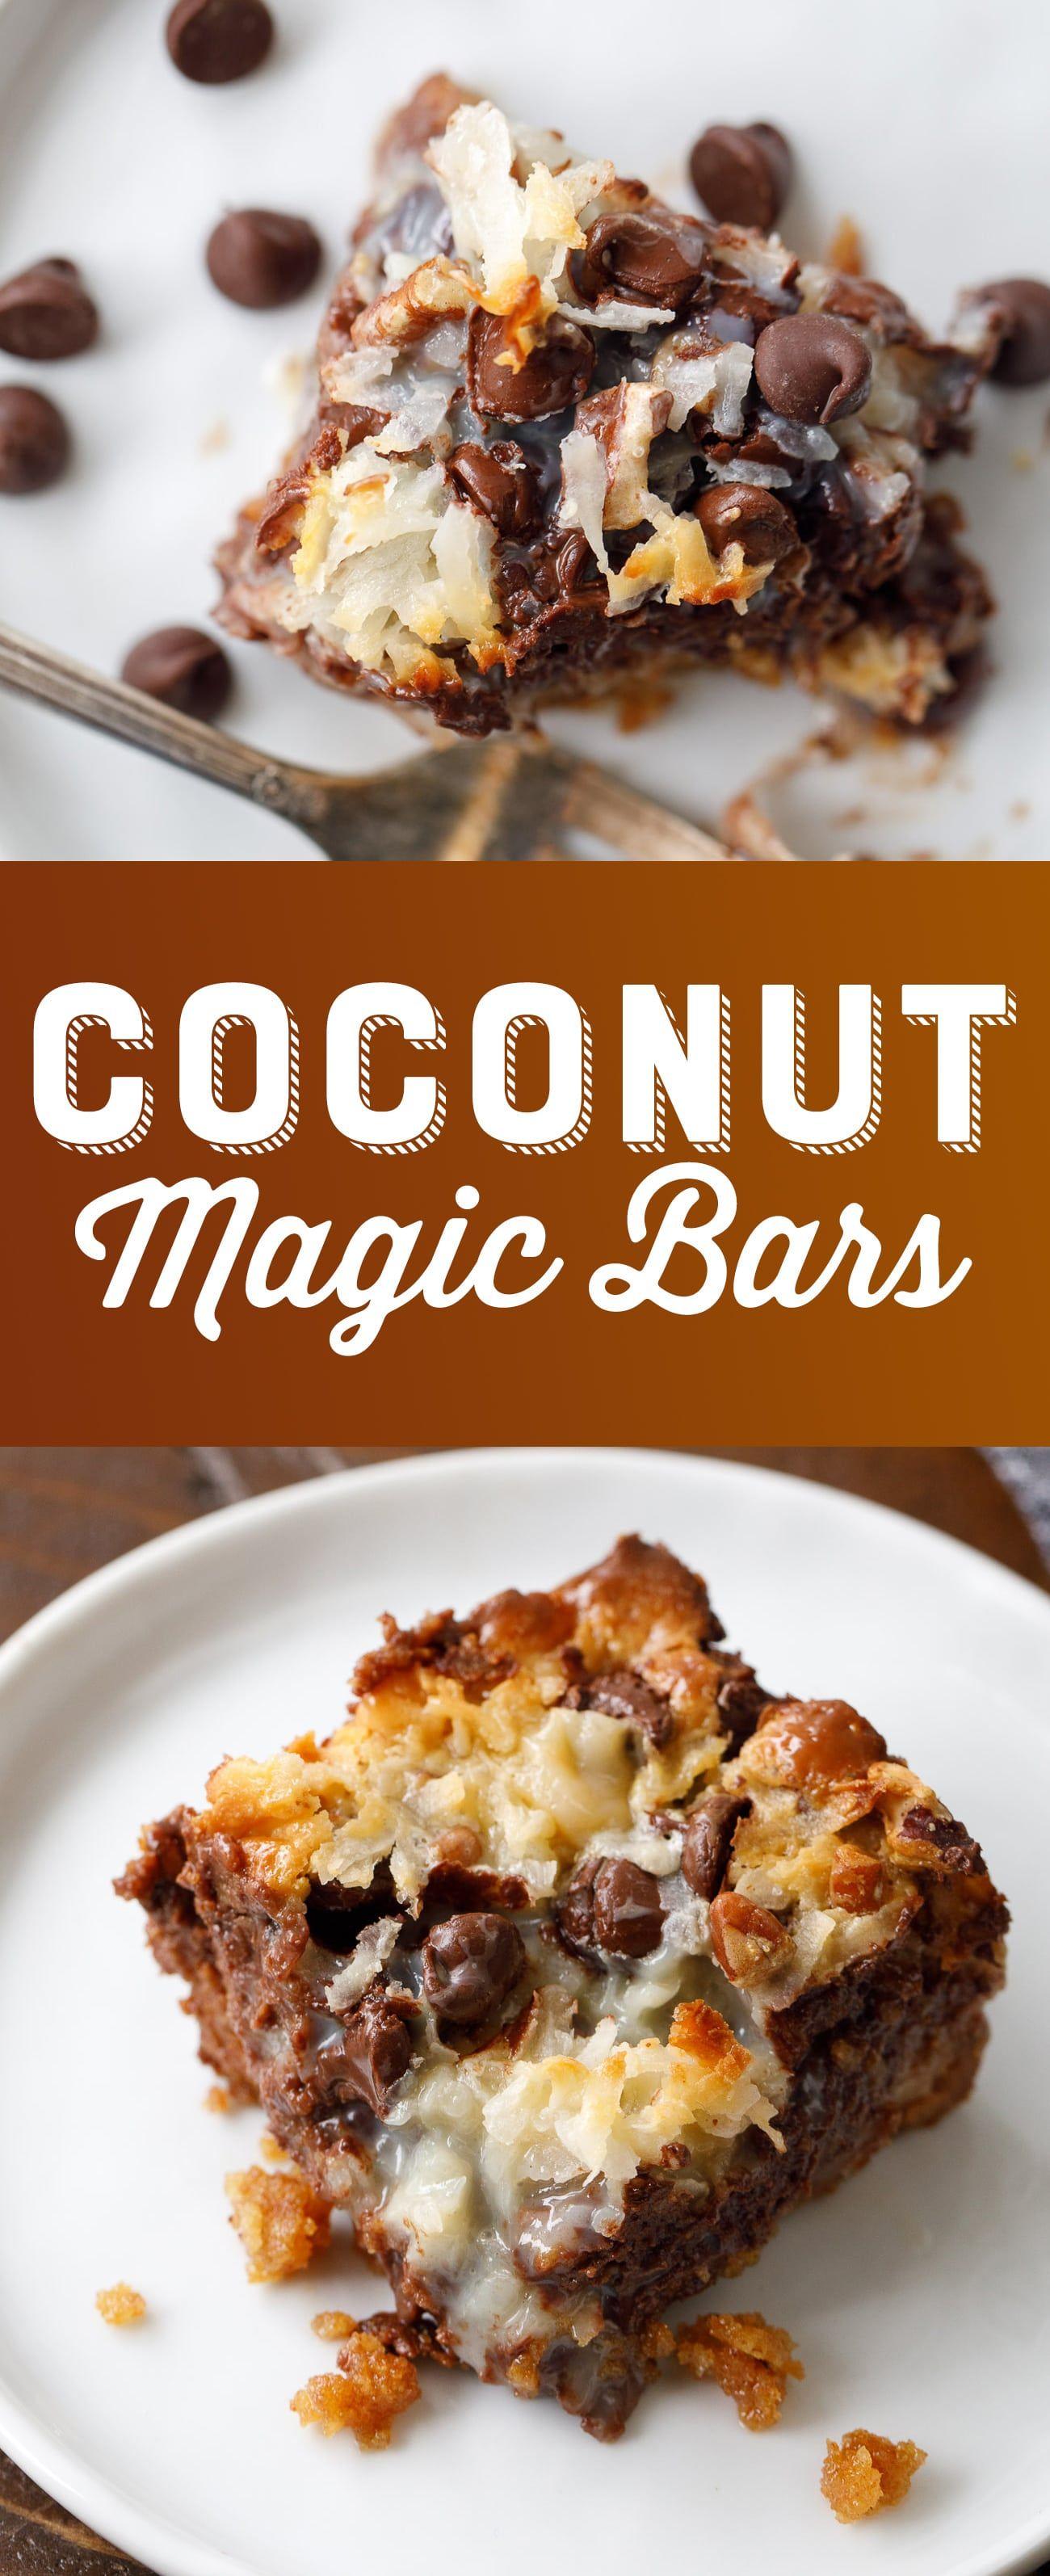 Coconut Magic Bars Recipe – AMAZING Magic Cookie Bars!